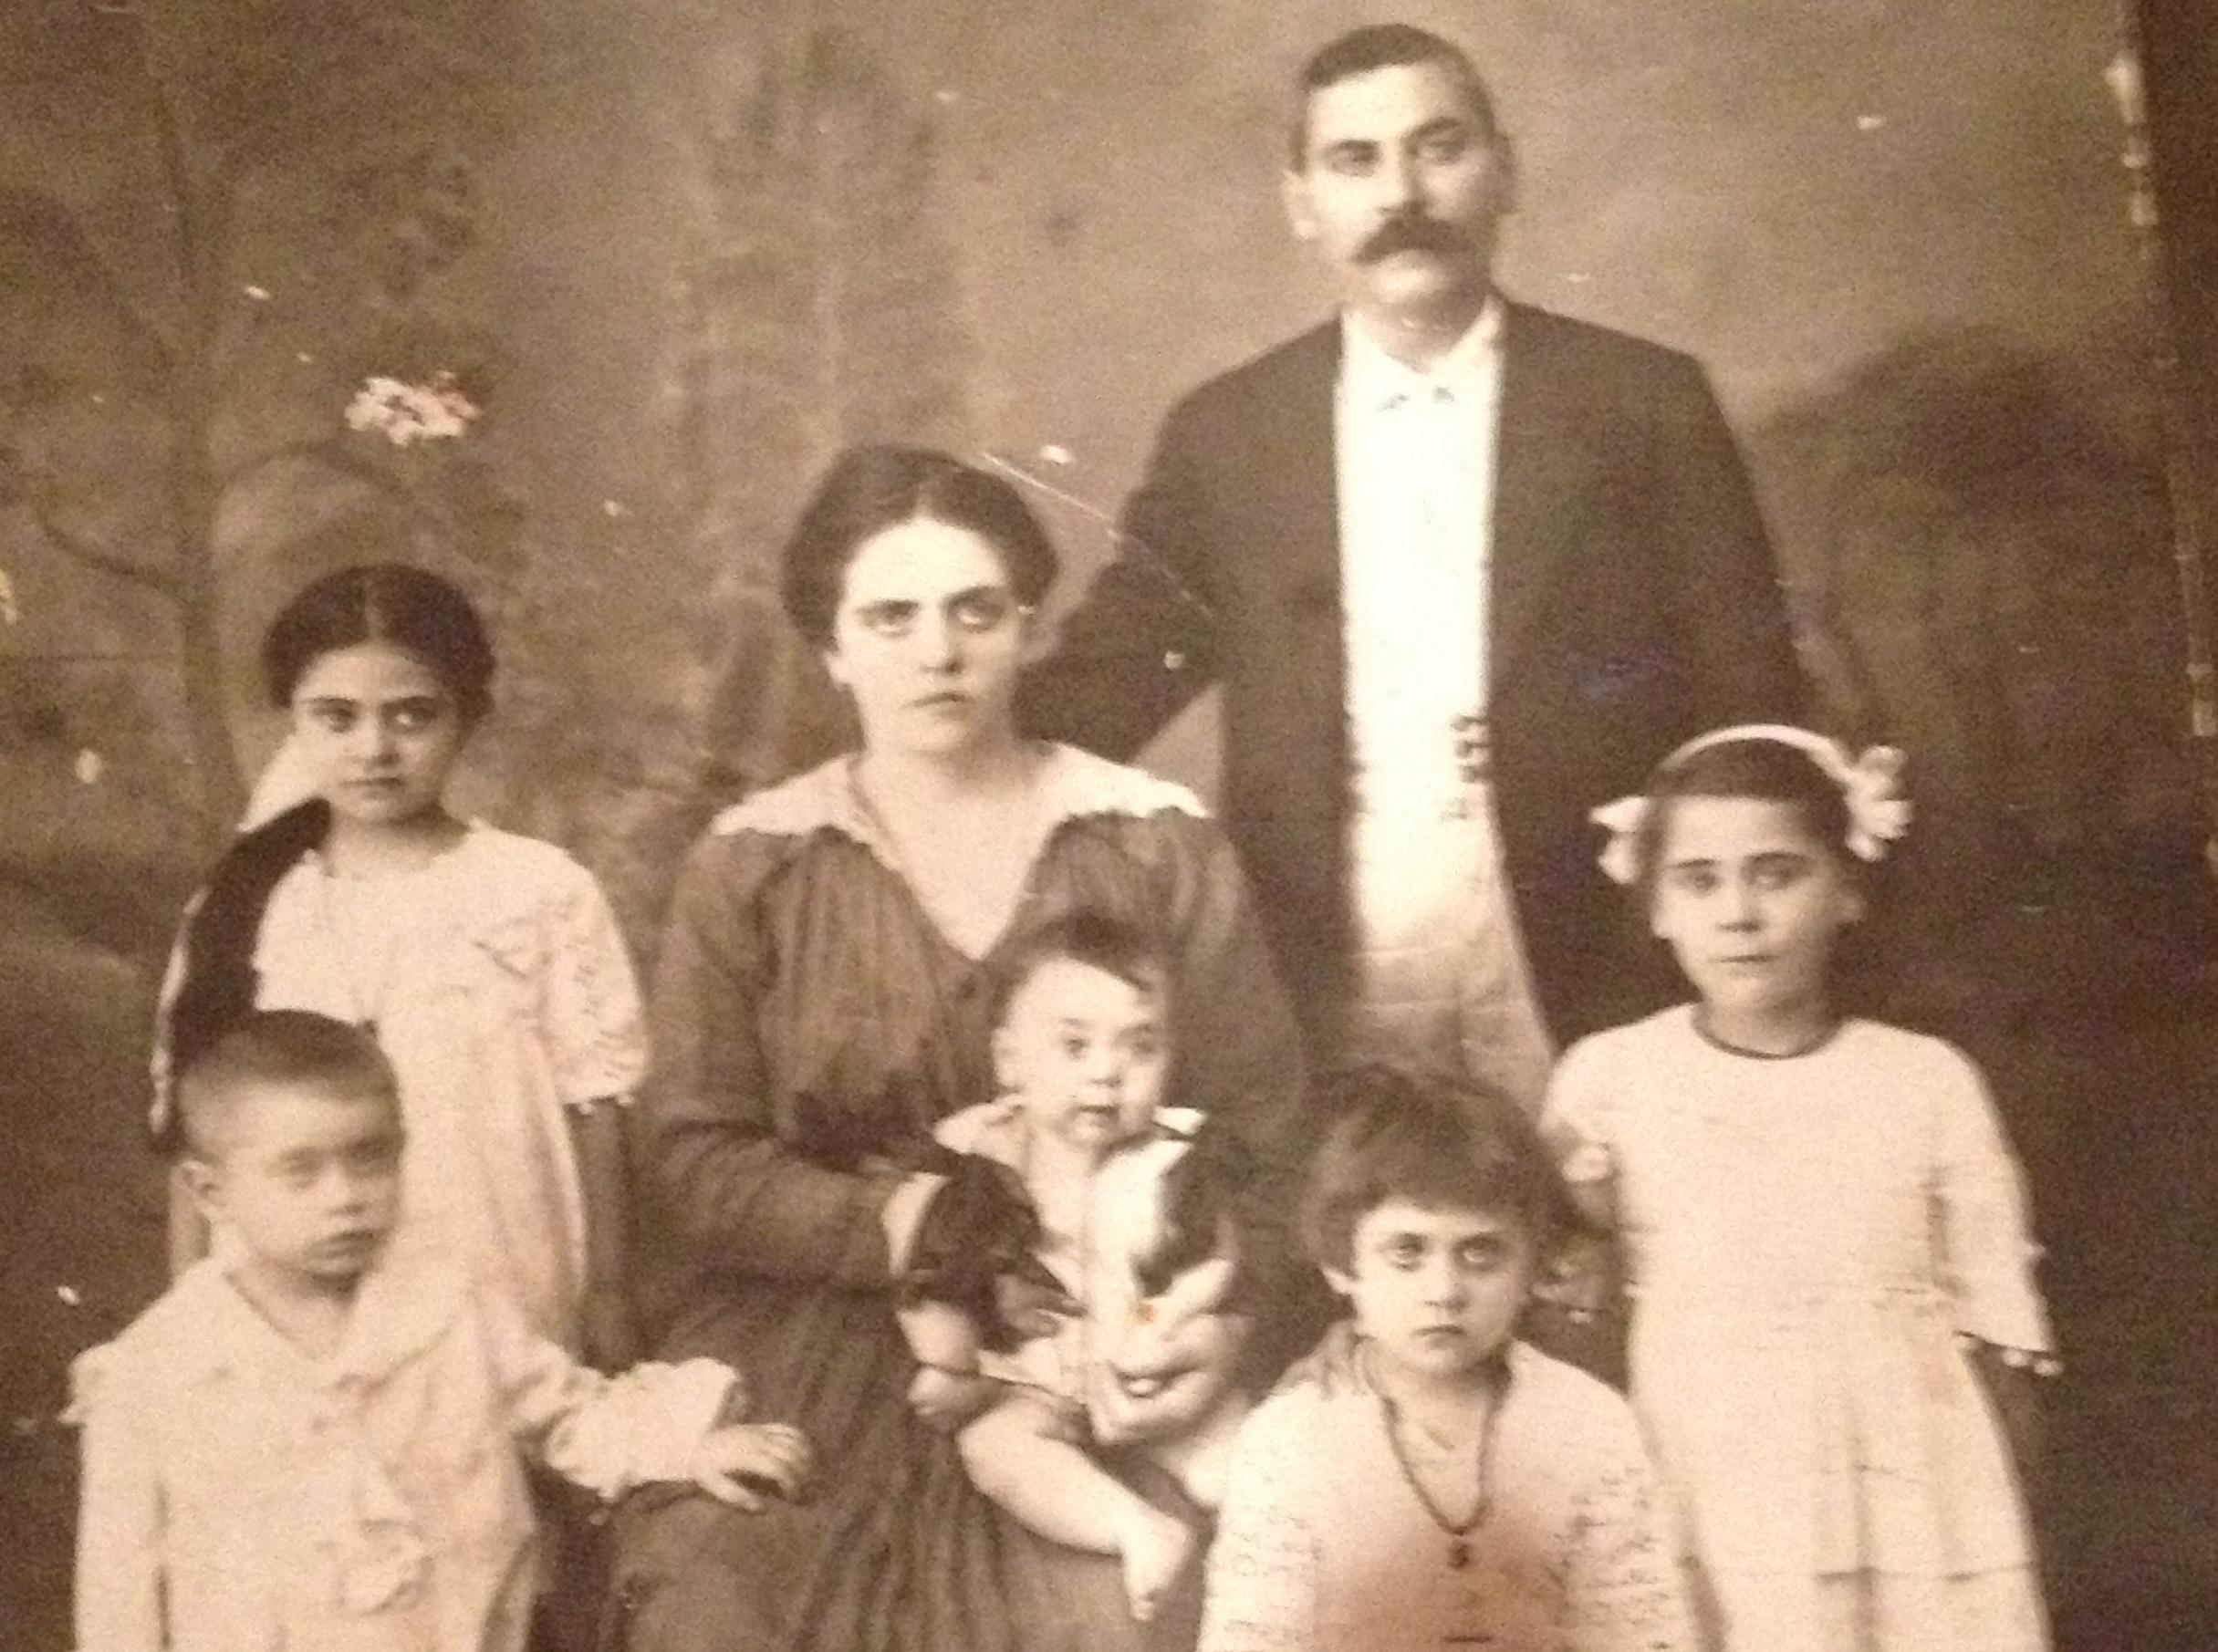 Η ιστορία του Εβραίου ράφτη που έσωσαν οι κάτοικοι της Ερείκουσας από τους ναζί